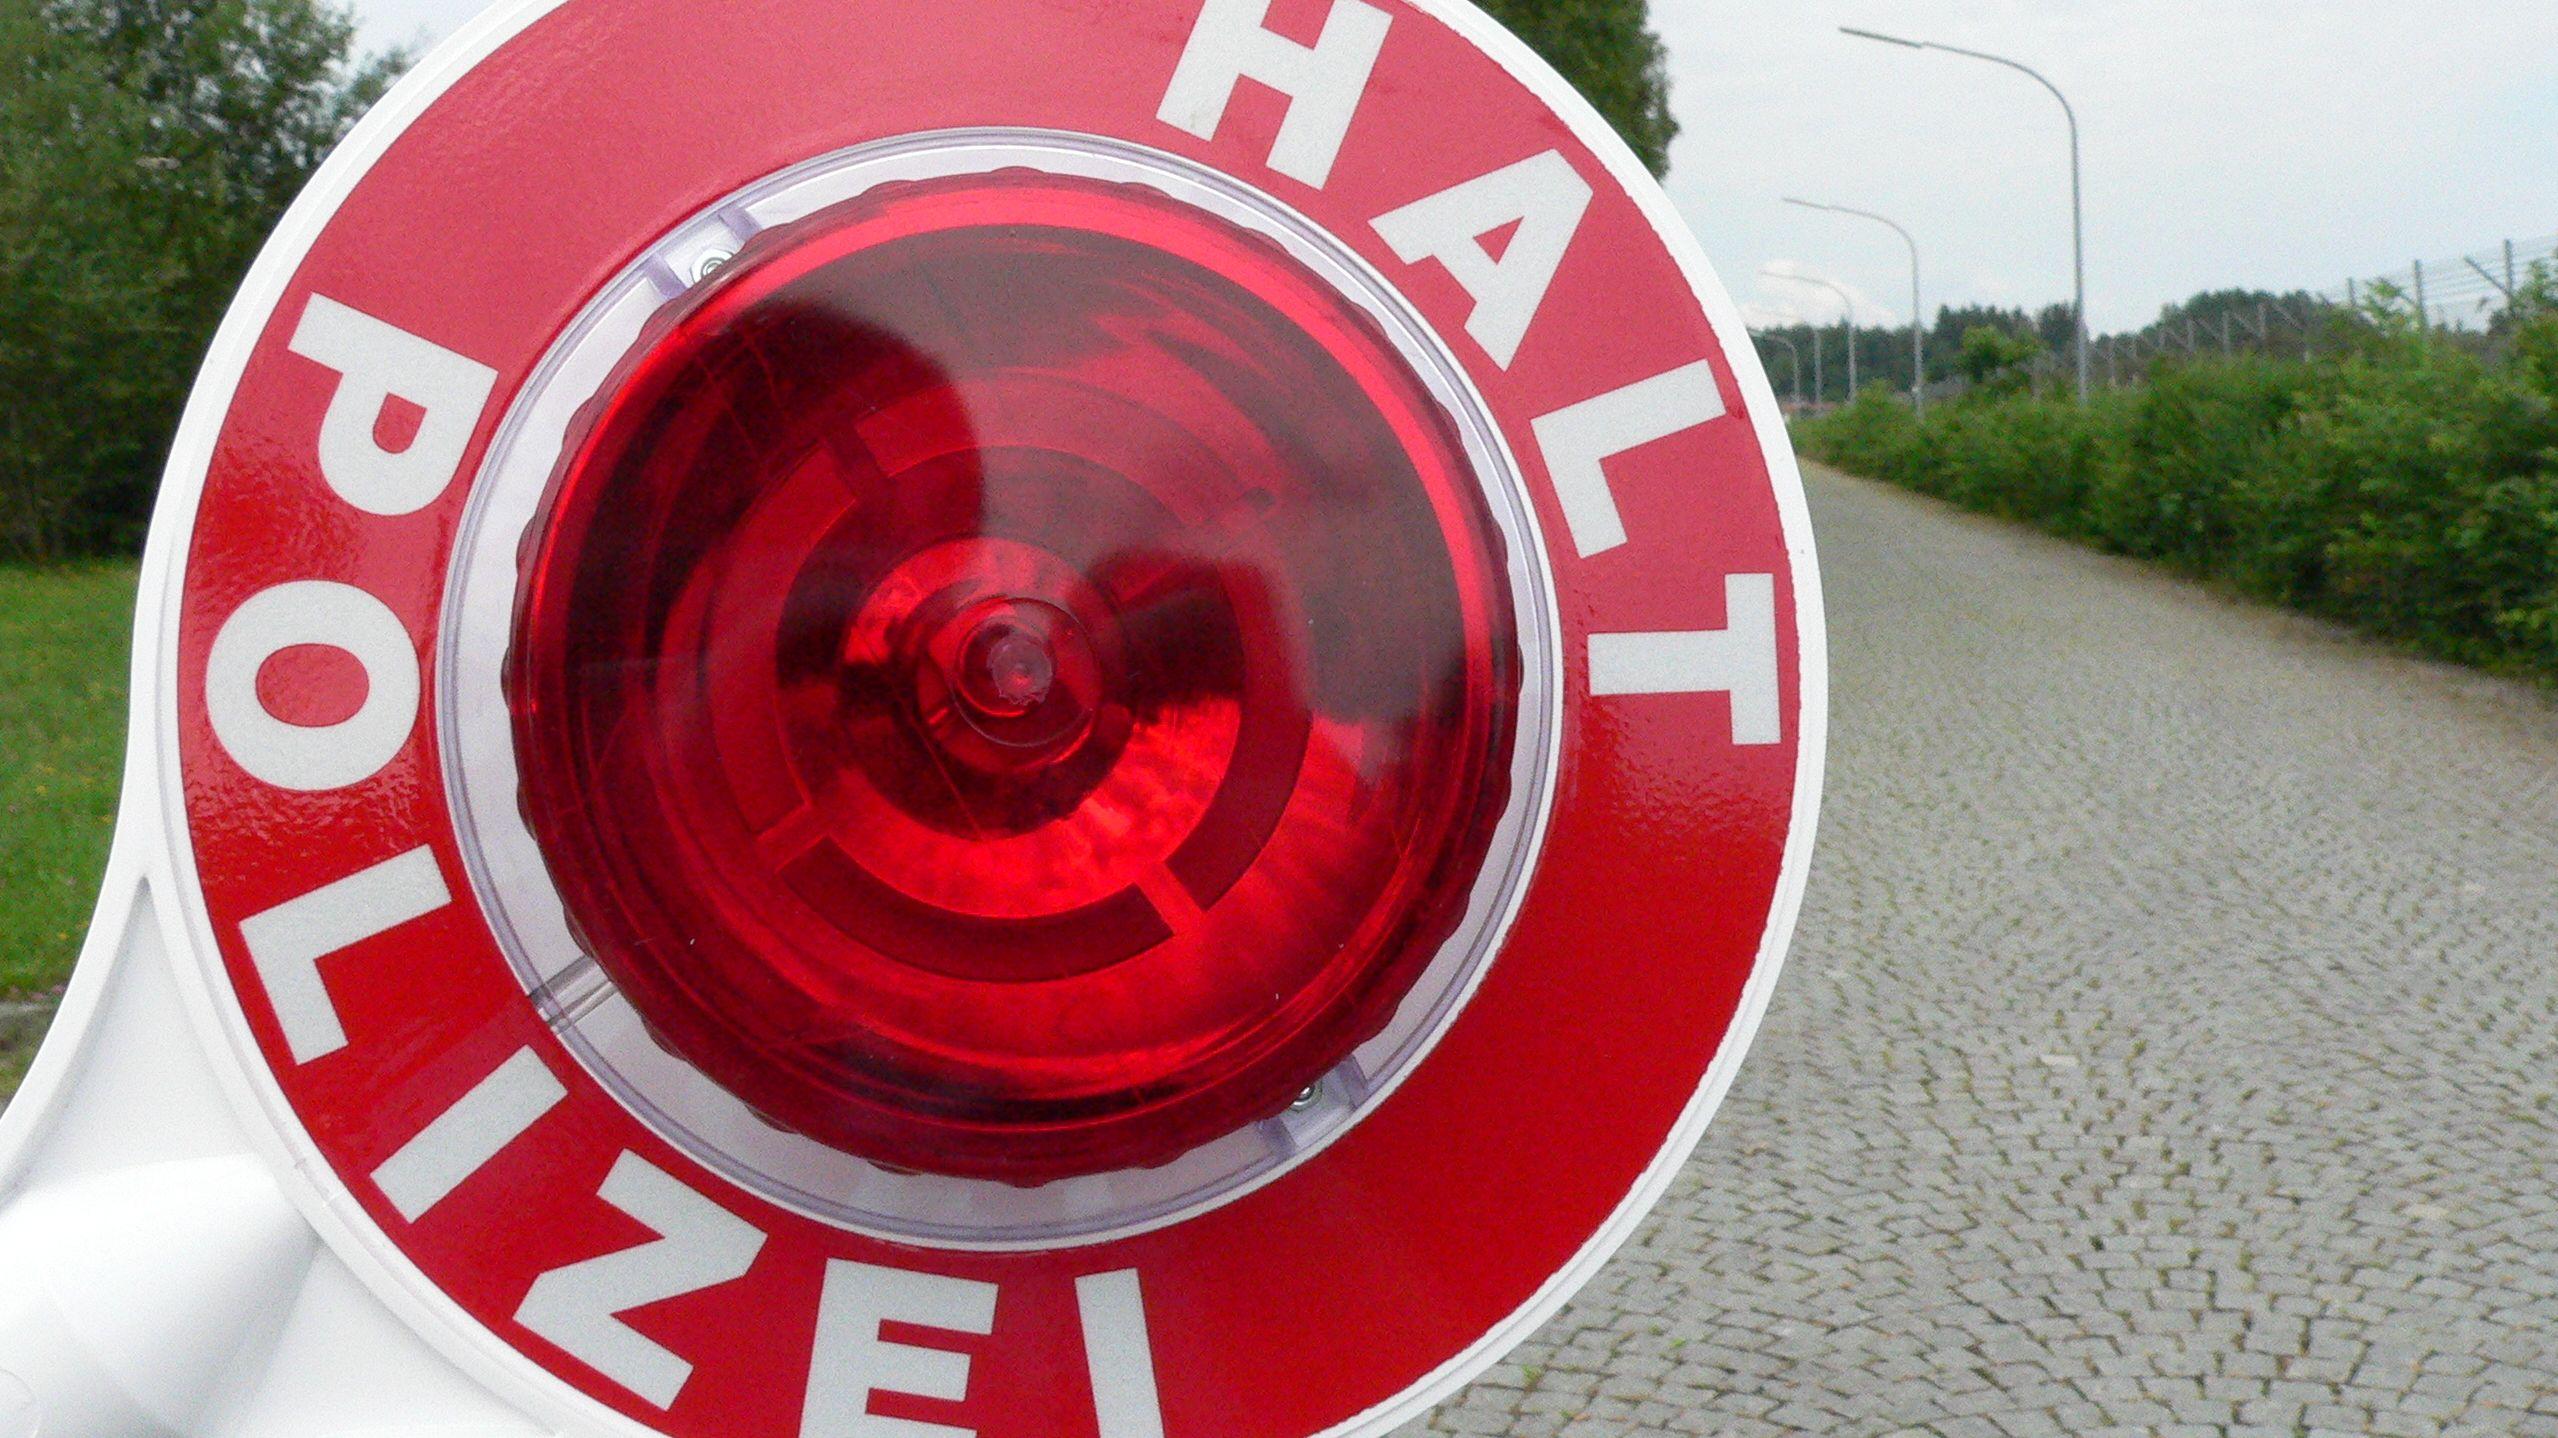 """Eine rote Polizeikelle auf der """"Halt"""" zu lesen ist."""